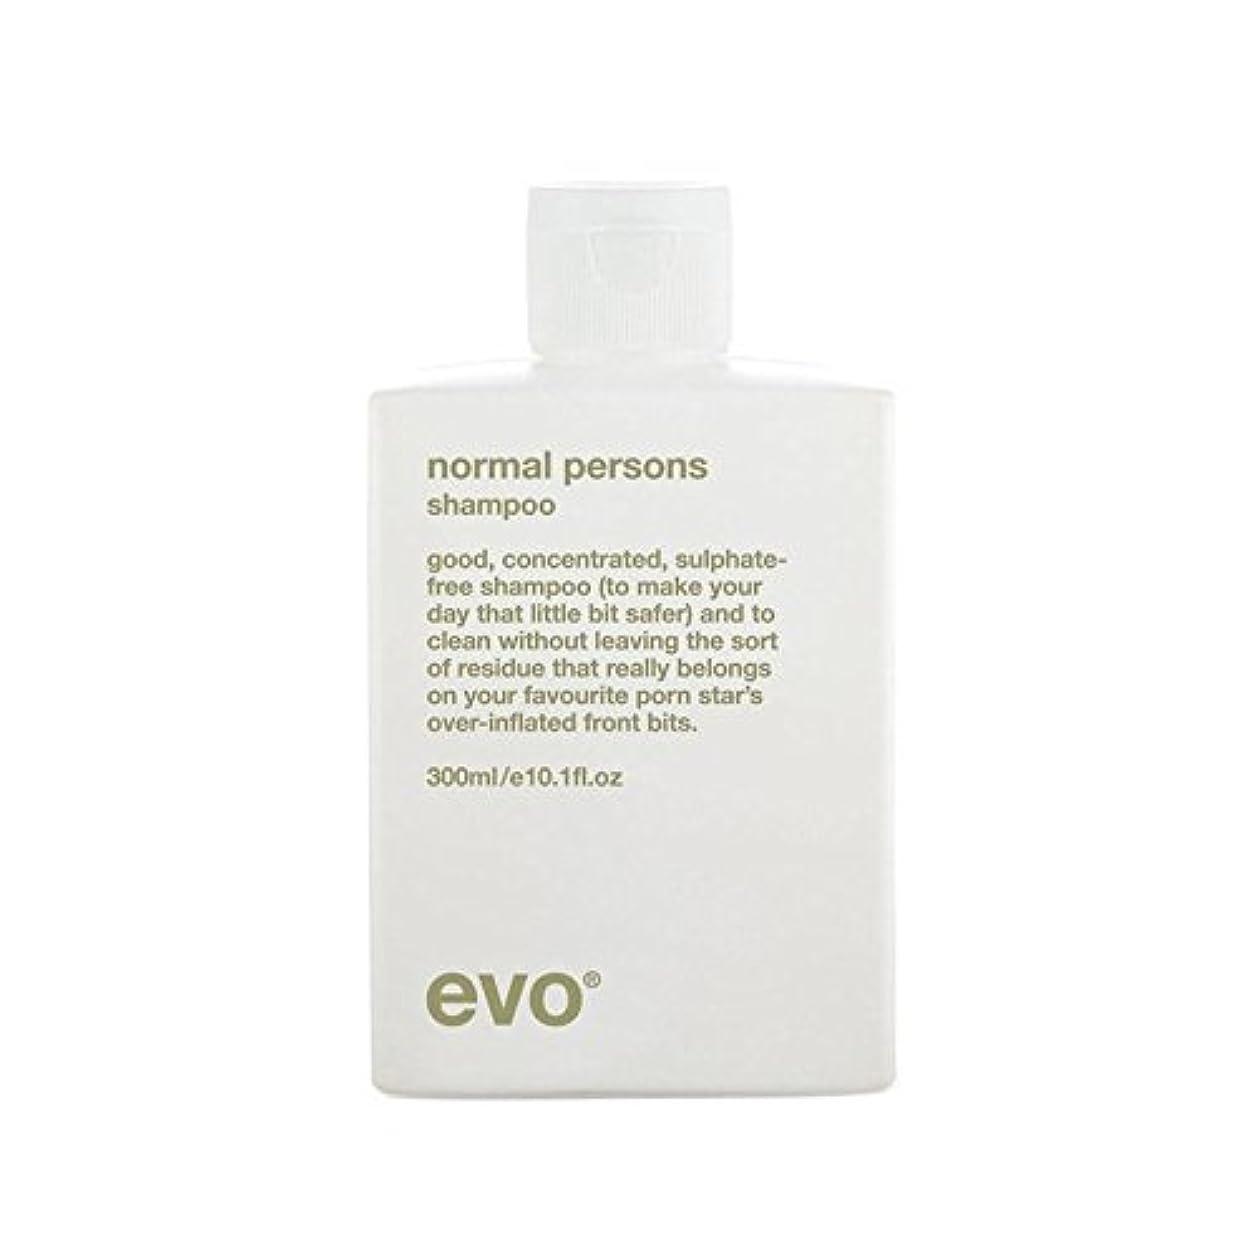 パラダイス義務ジャーナルエボ正常人シャンプー(300ミリリットル) x4 - Evo Normal Persons Shampoo (300ml) (Pack of 4) [並行輸入品]